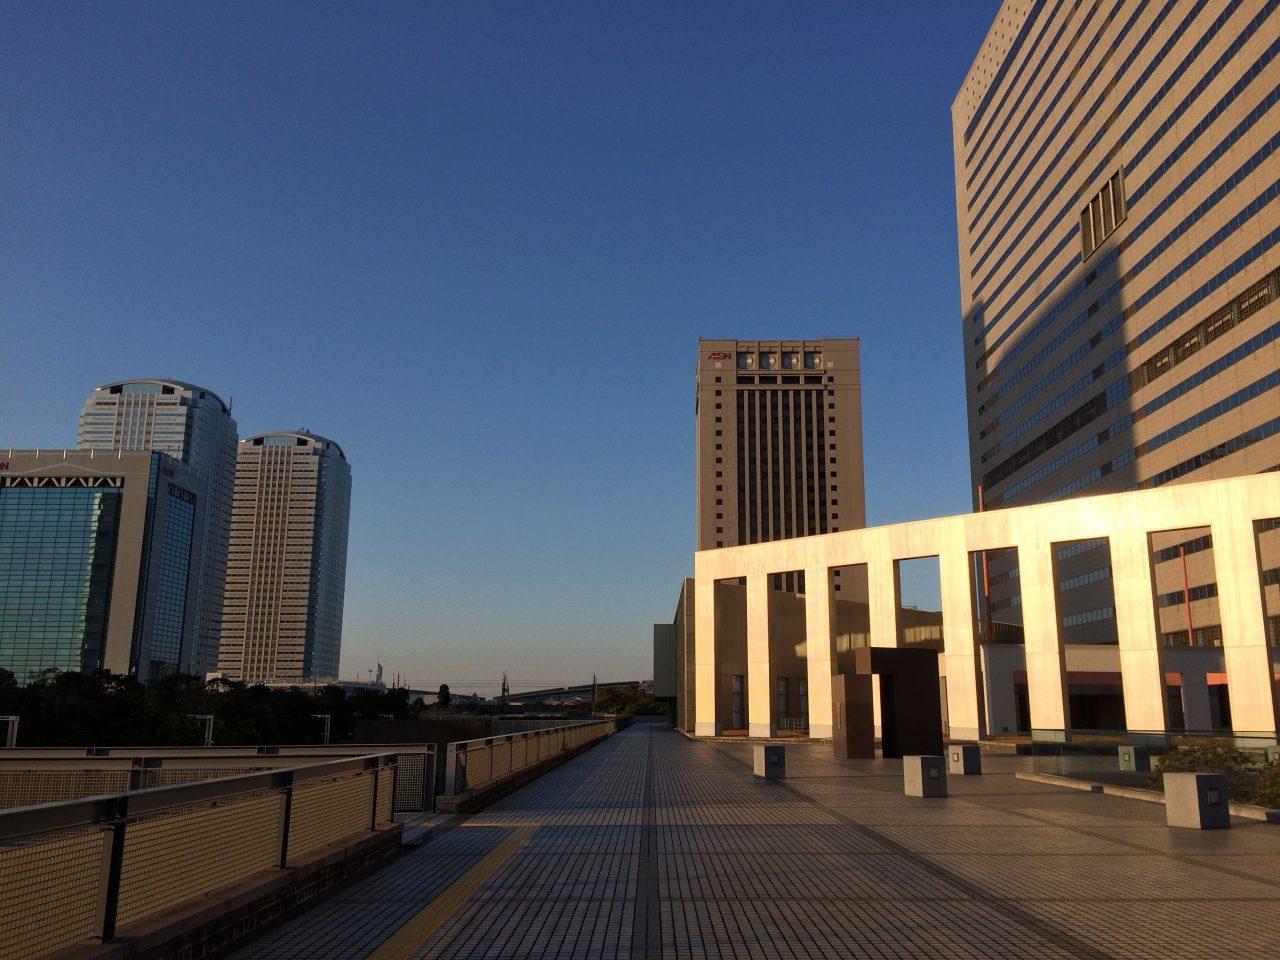 幕張新都心・海浜幕張の高層ビル街とオブジェ3の写真